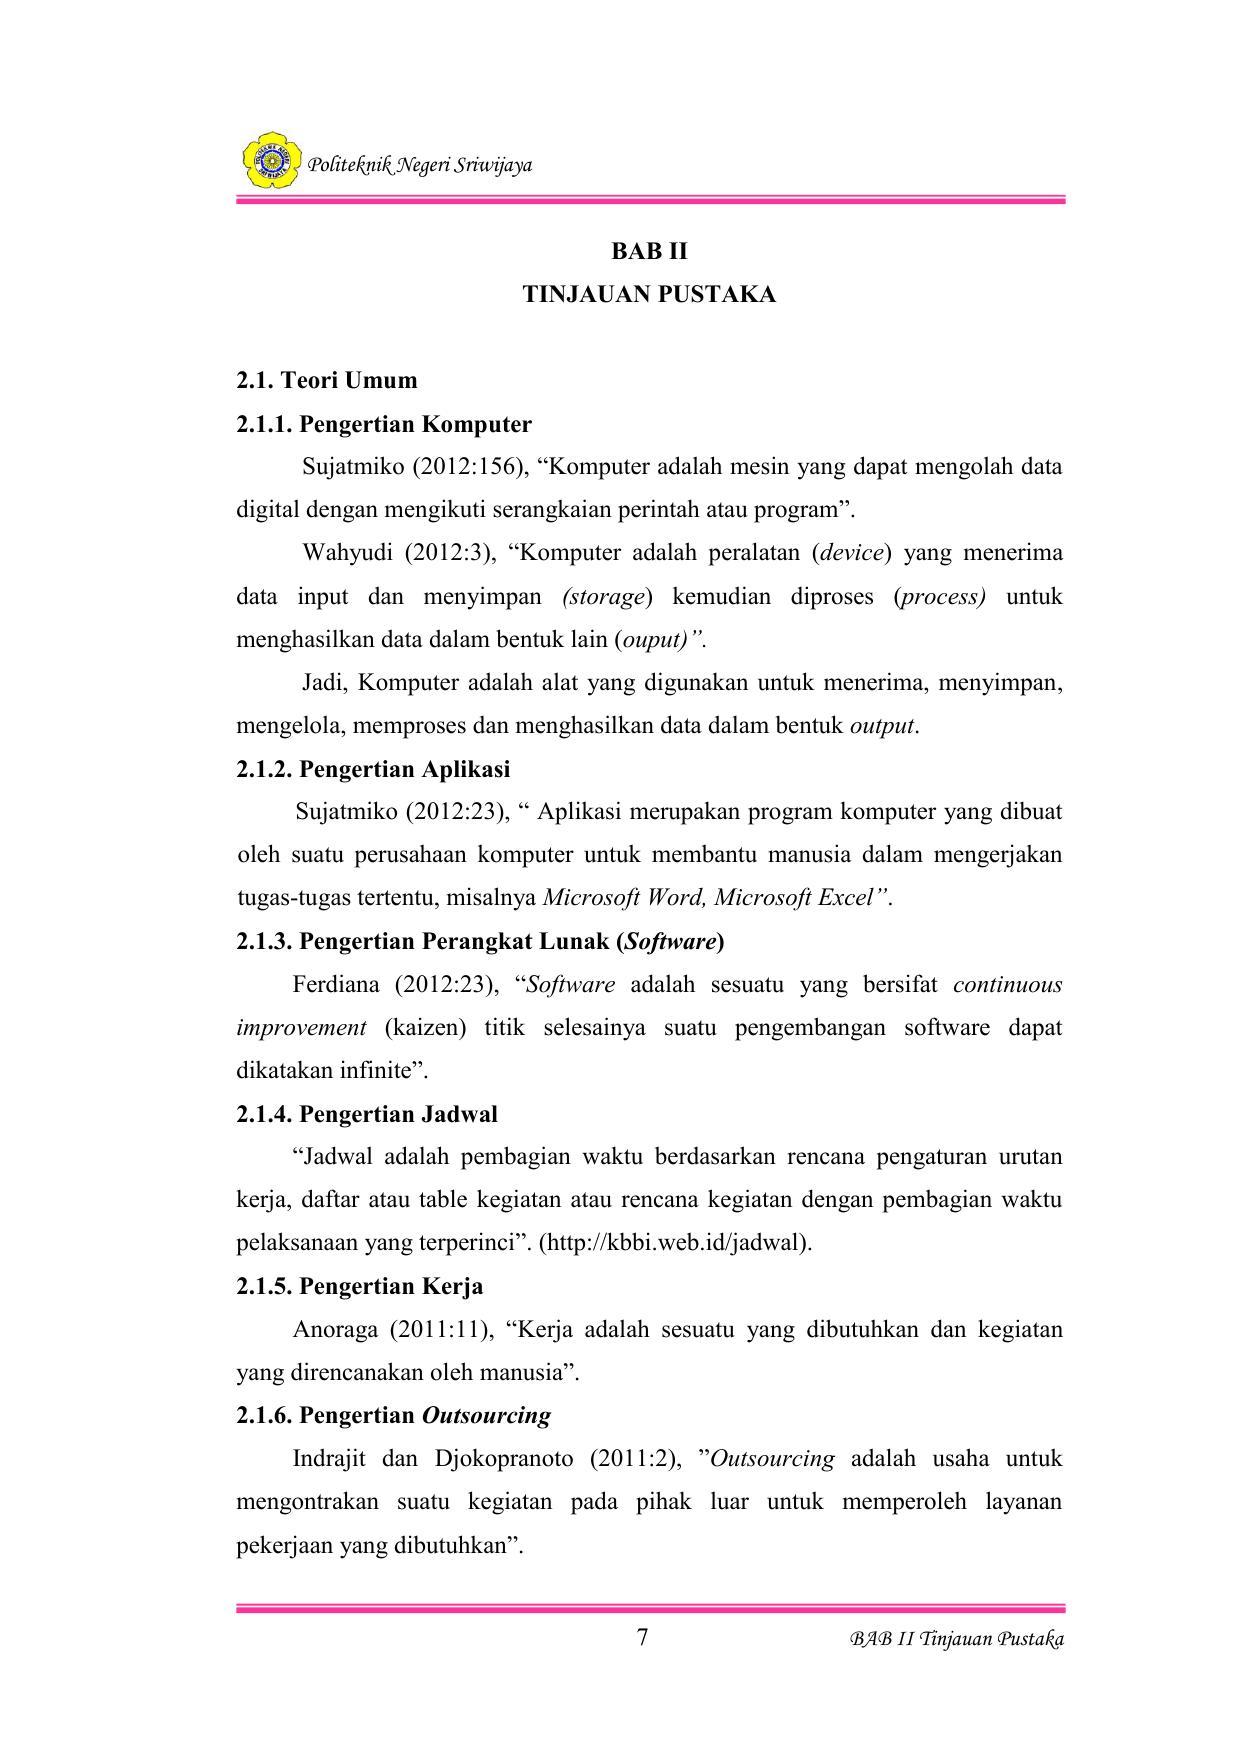 7 bab ii tinjauan pustaka 21 teori umum 211 pengertian ccuart Image collections